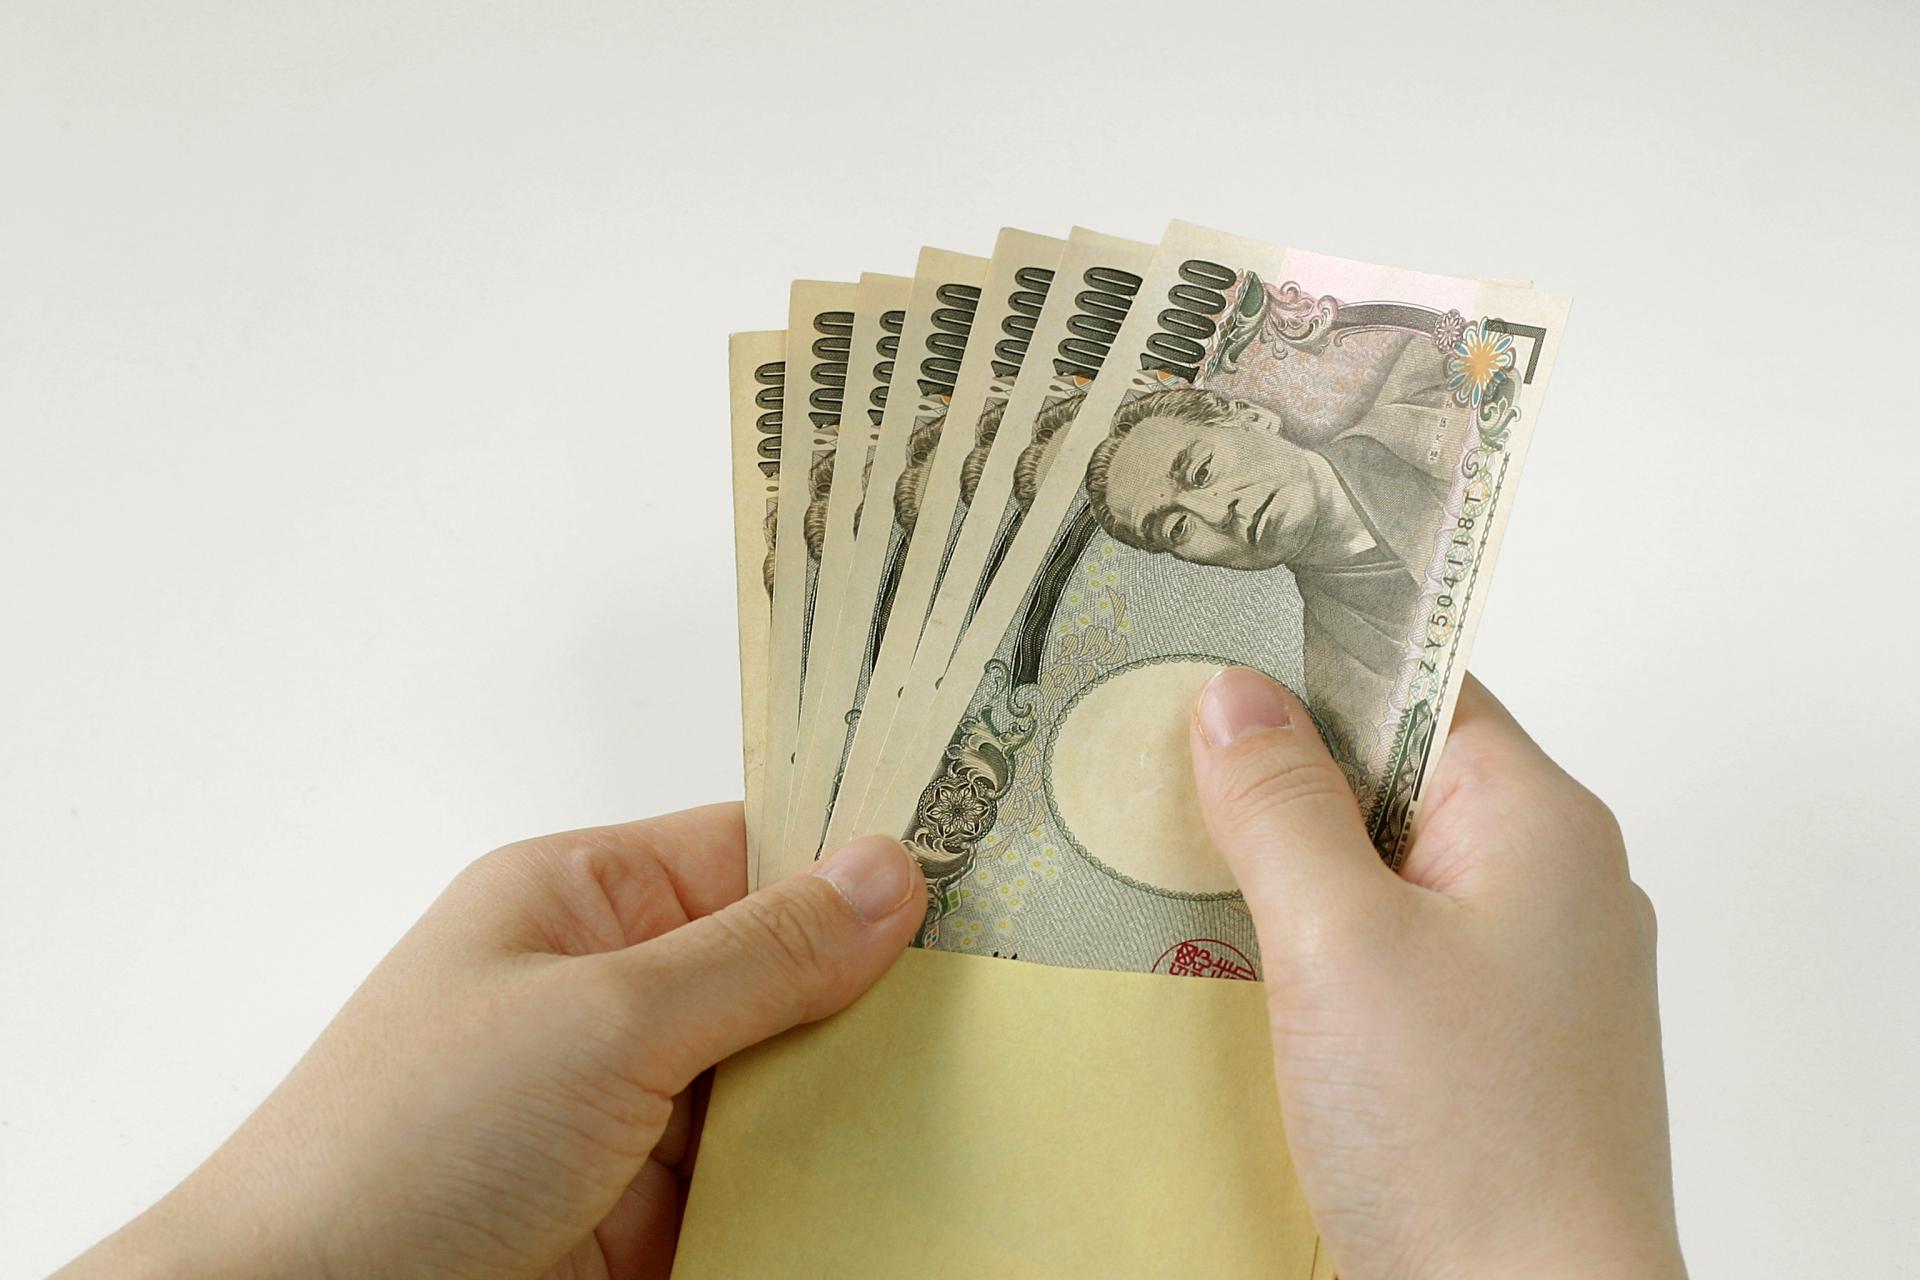 支払い 罰金